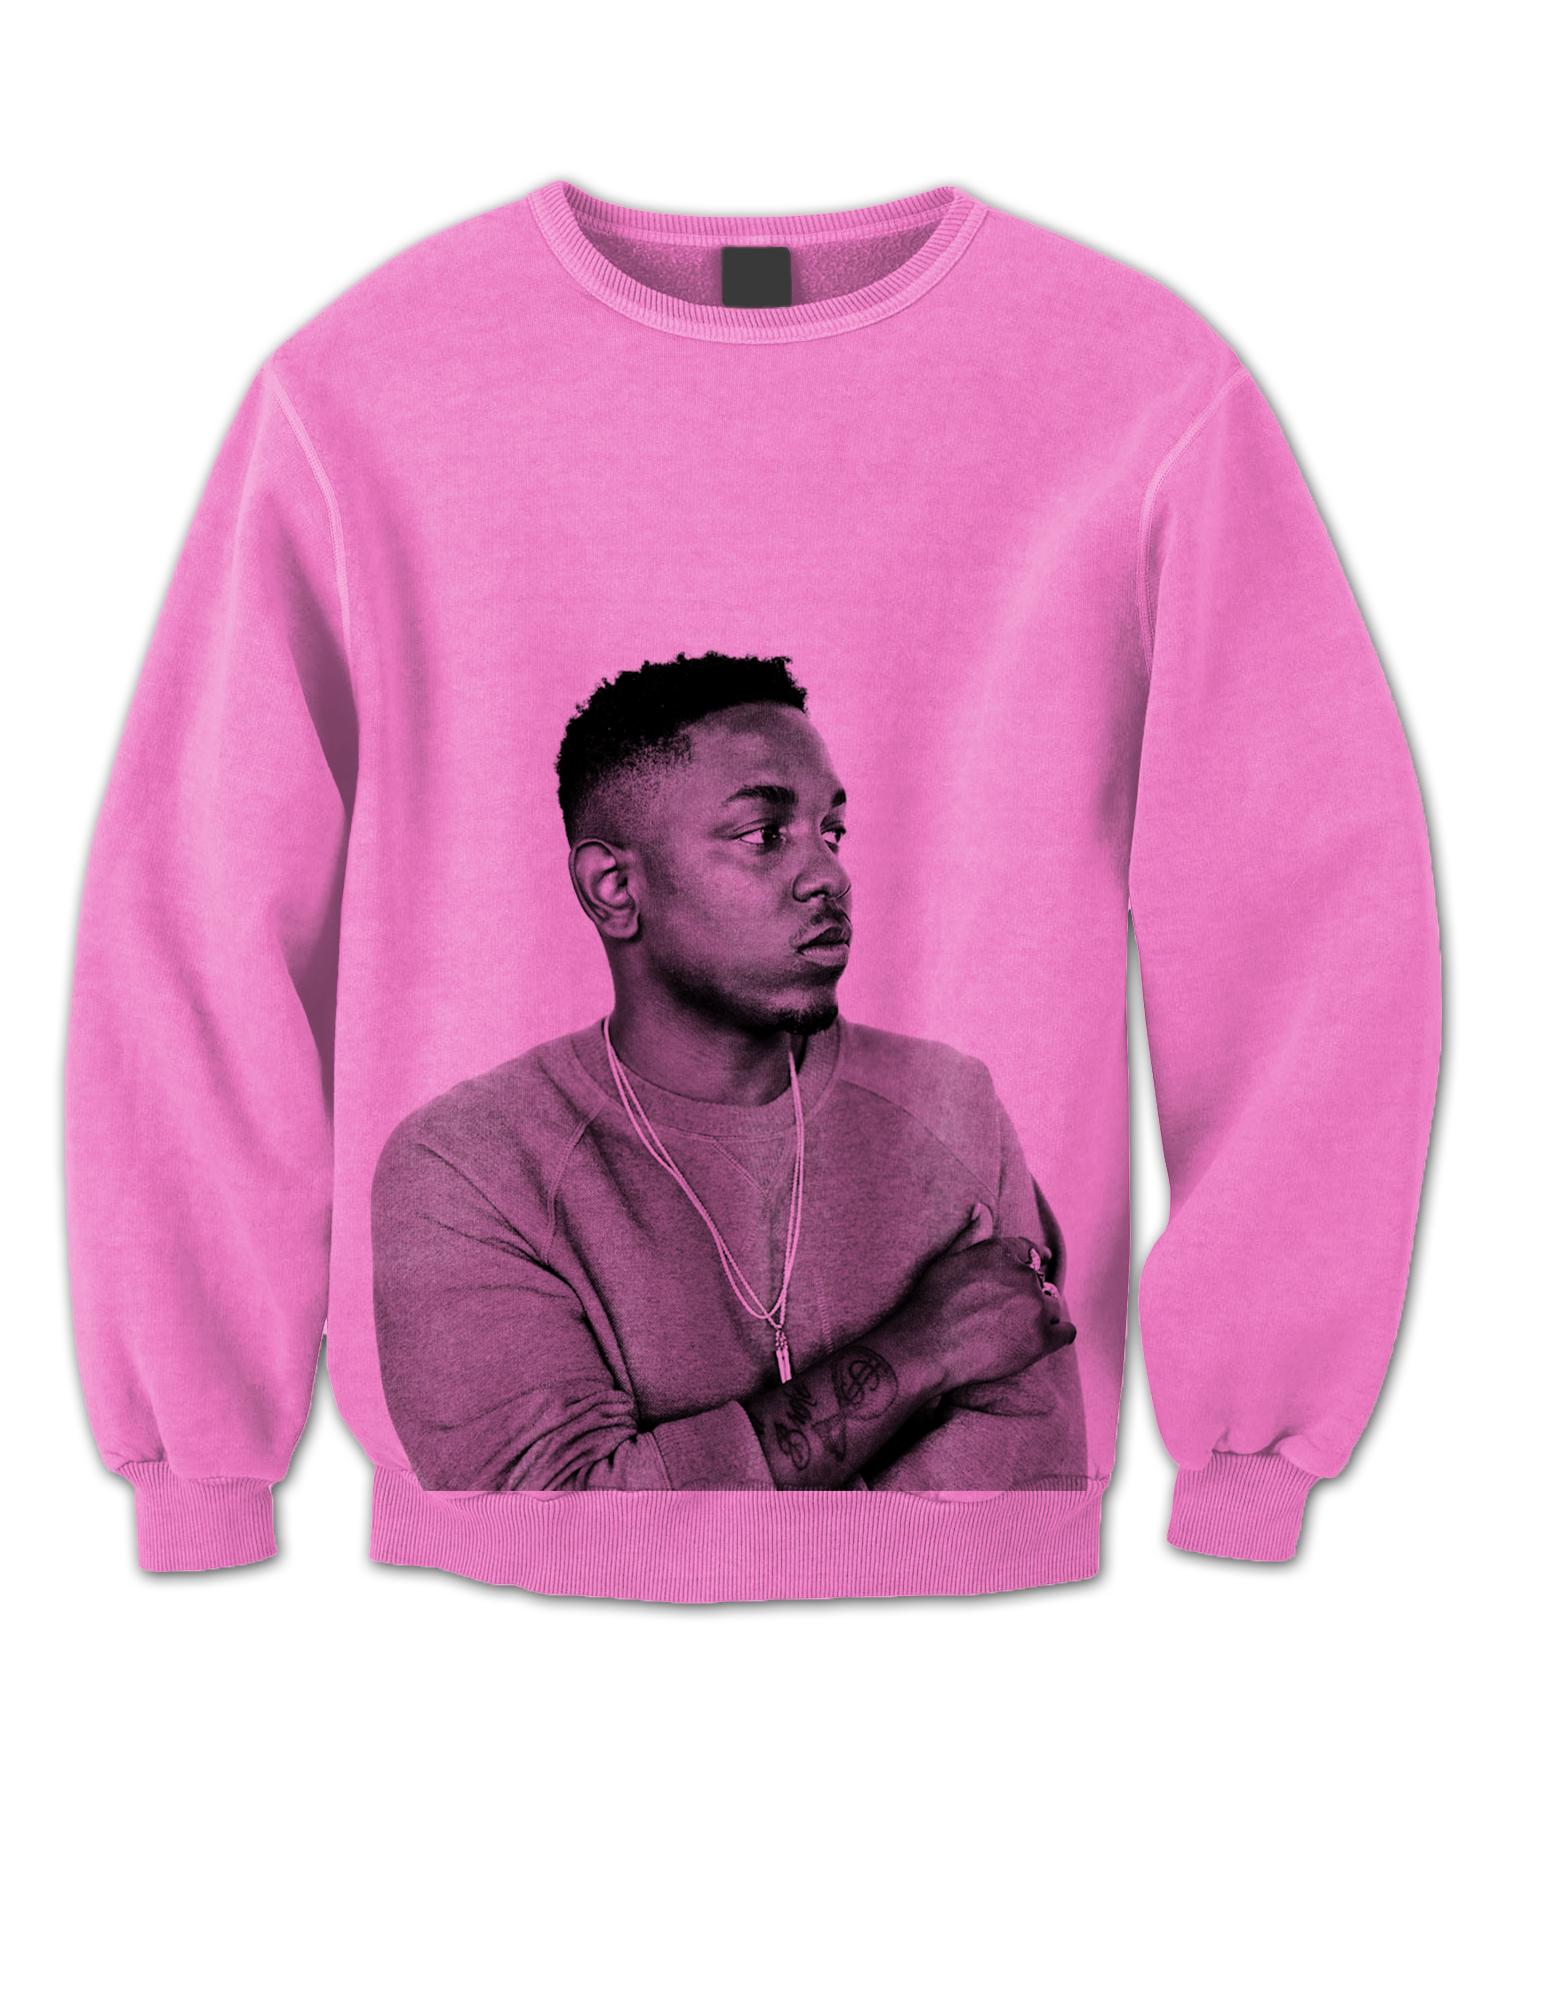 Kendrick lamar hoodies